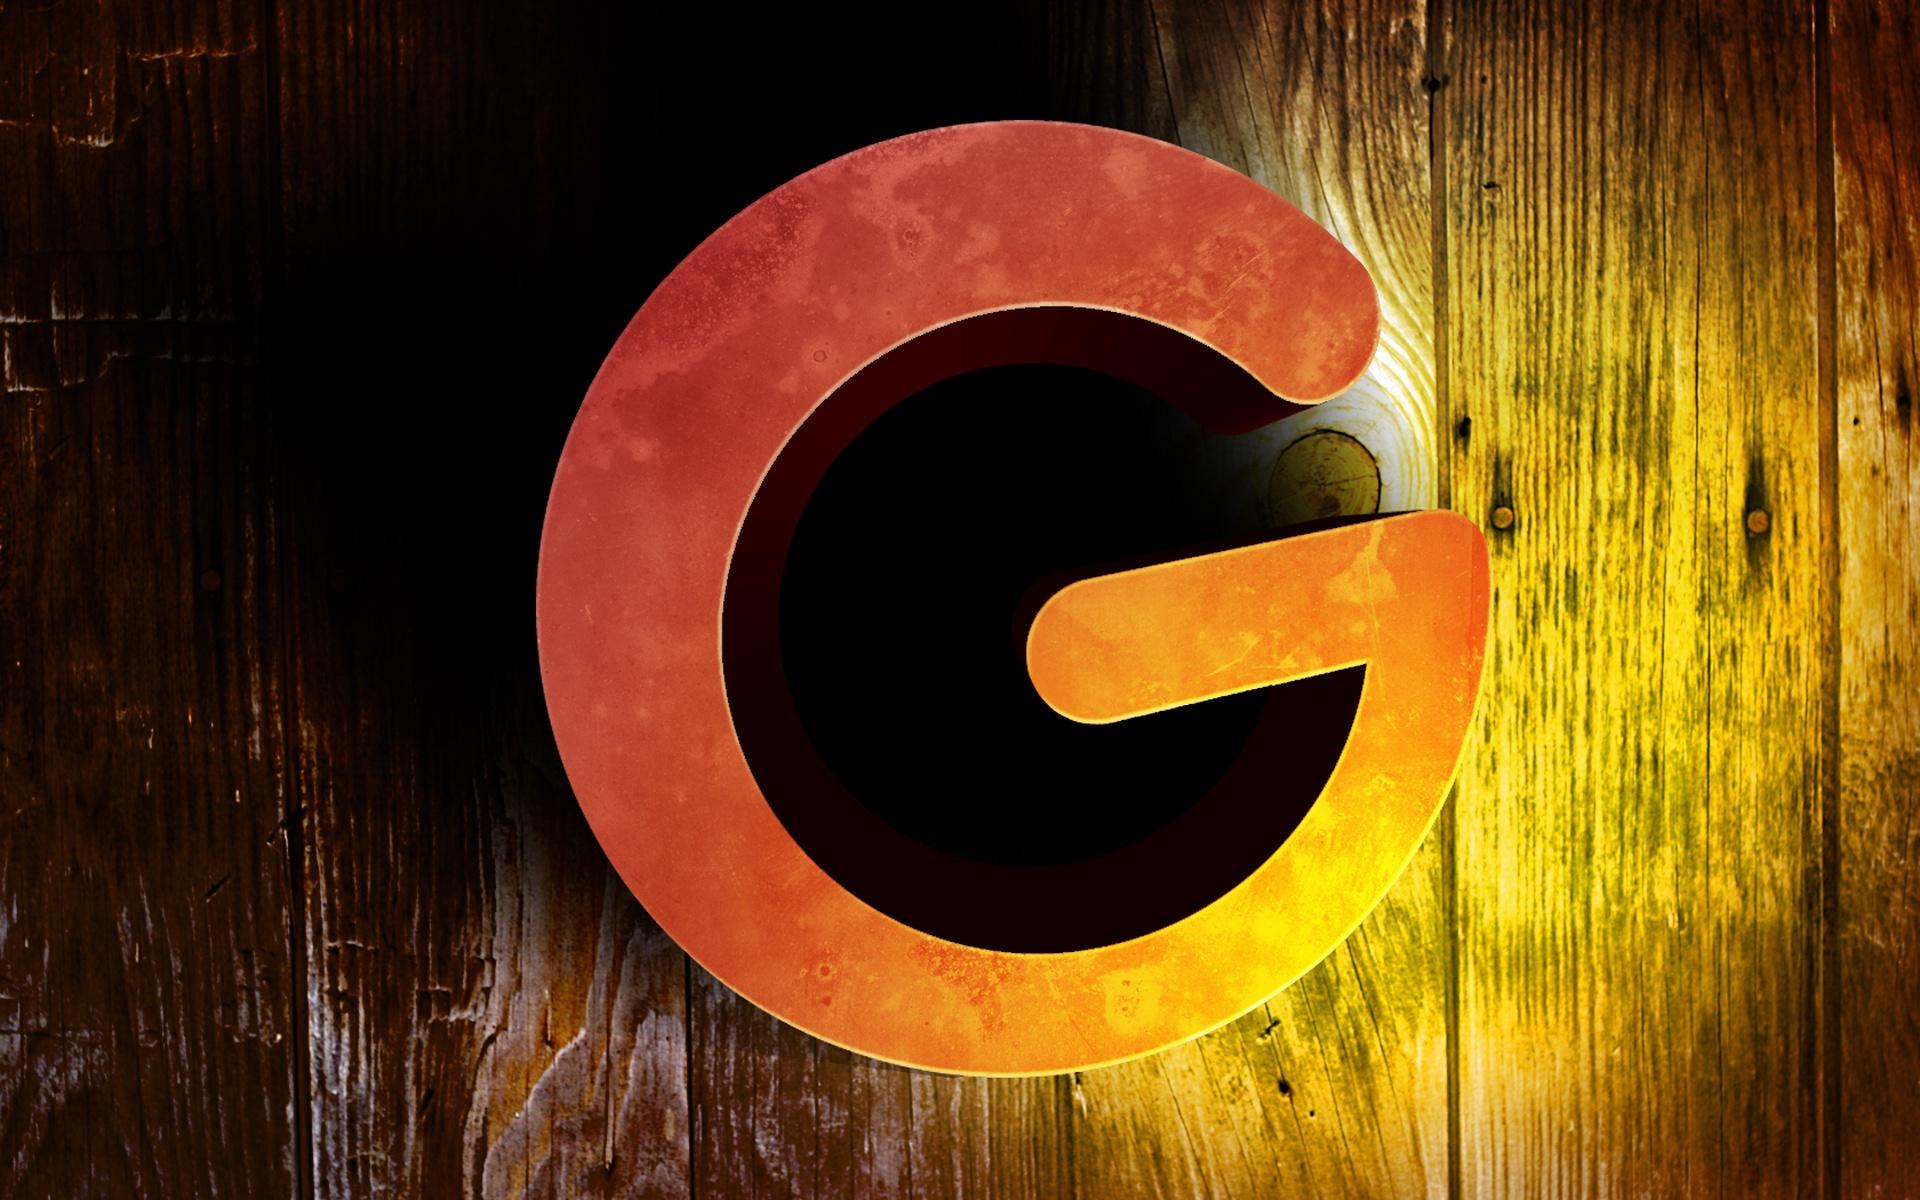 G wallpaper wallpapersafari - G letter love wallpaper ...